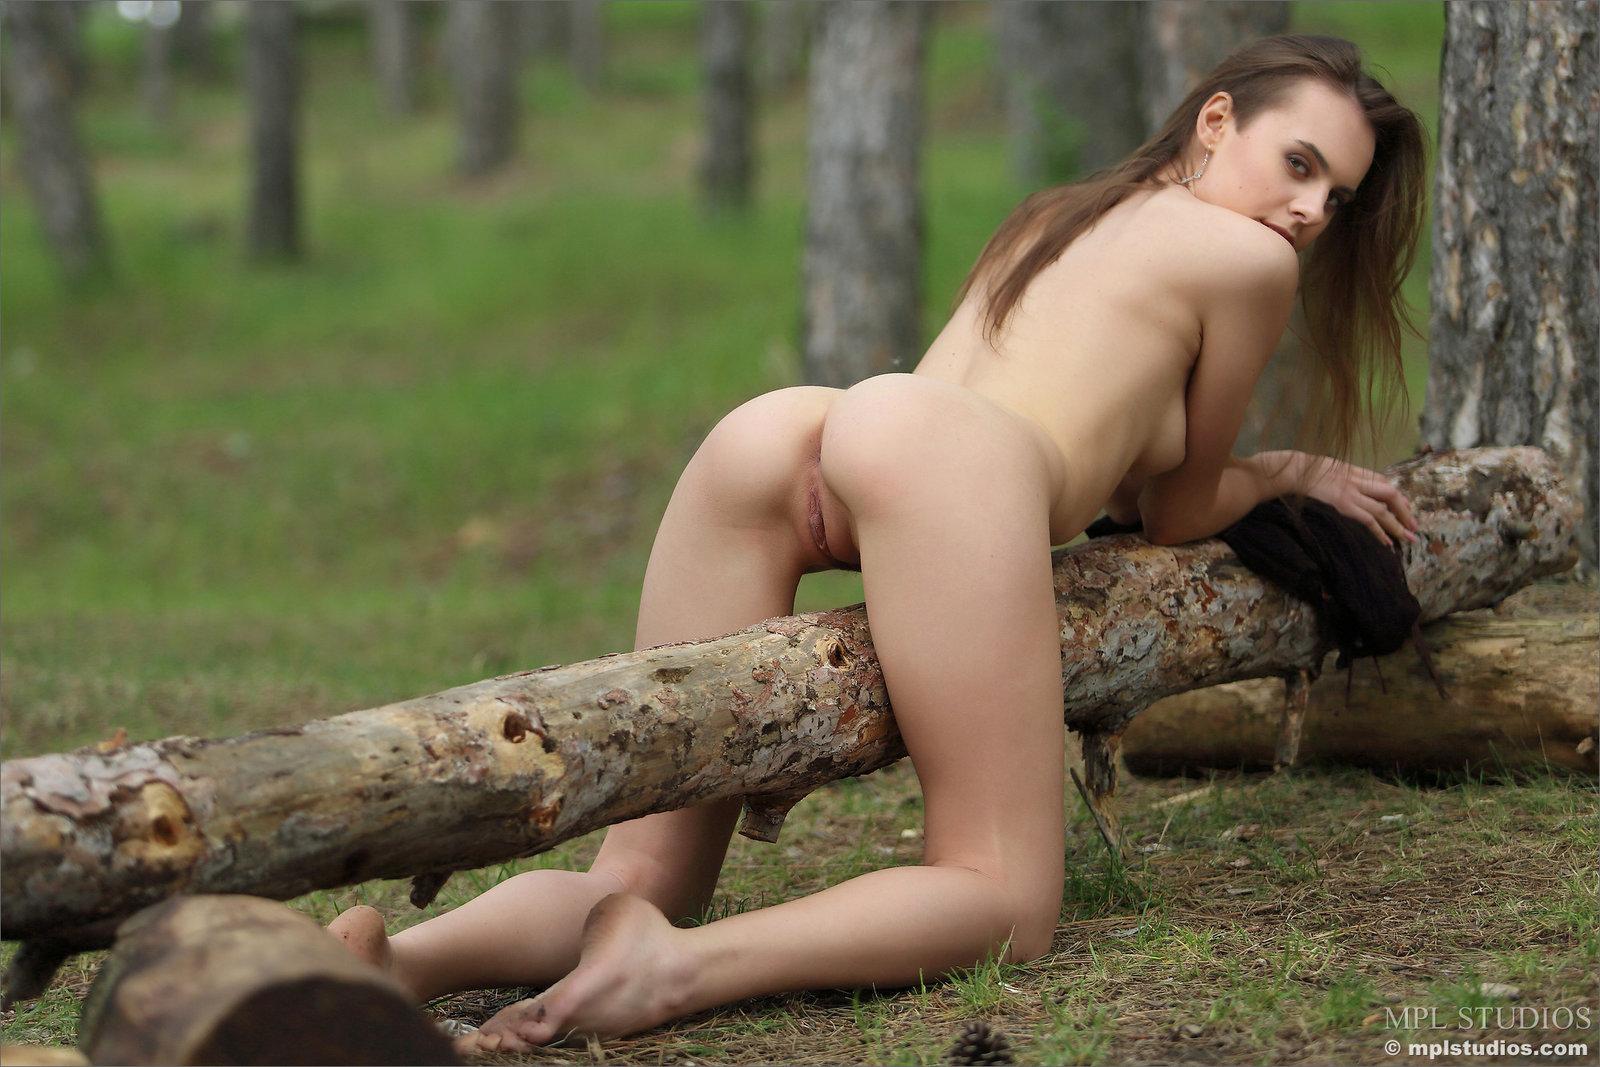 Zdjęcie porno - 145 - Przystrzyżona szparka w lesie